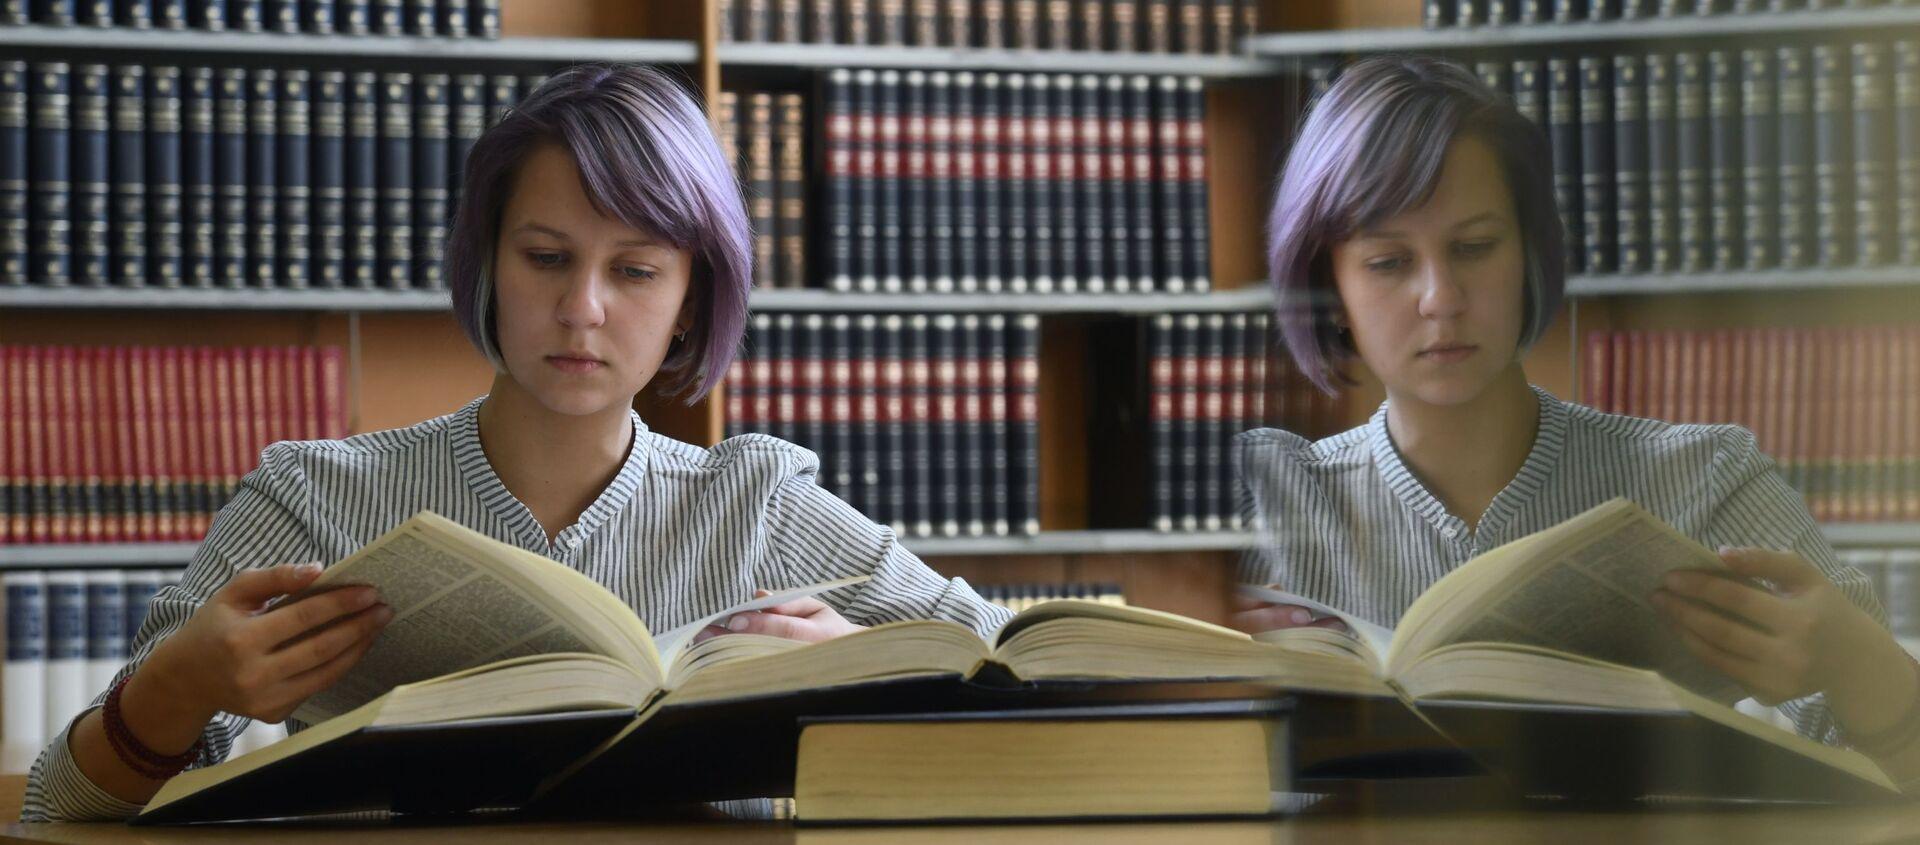 Девушка читает книгу в  библиотеке  - Sputnik Грузия, 1920, 09.03.2021